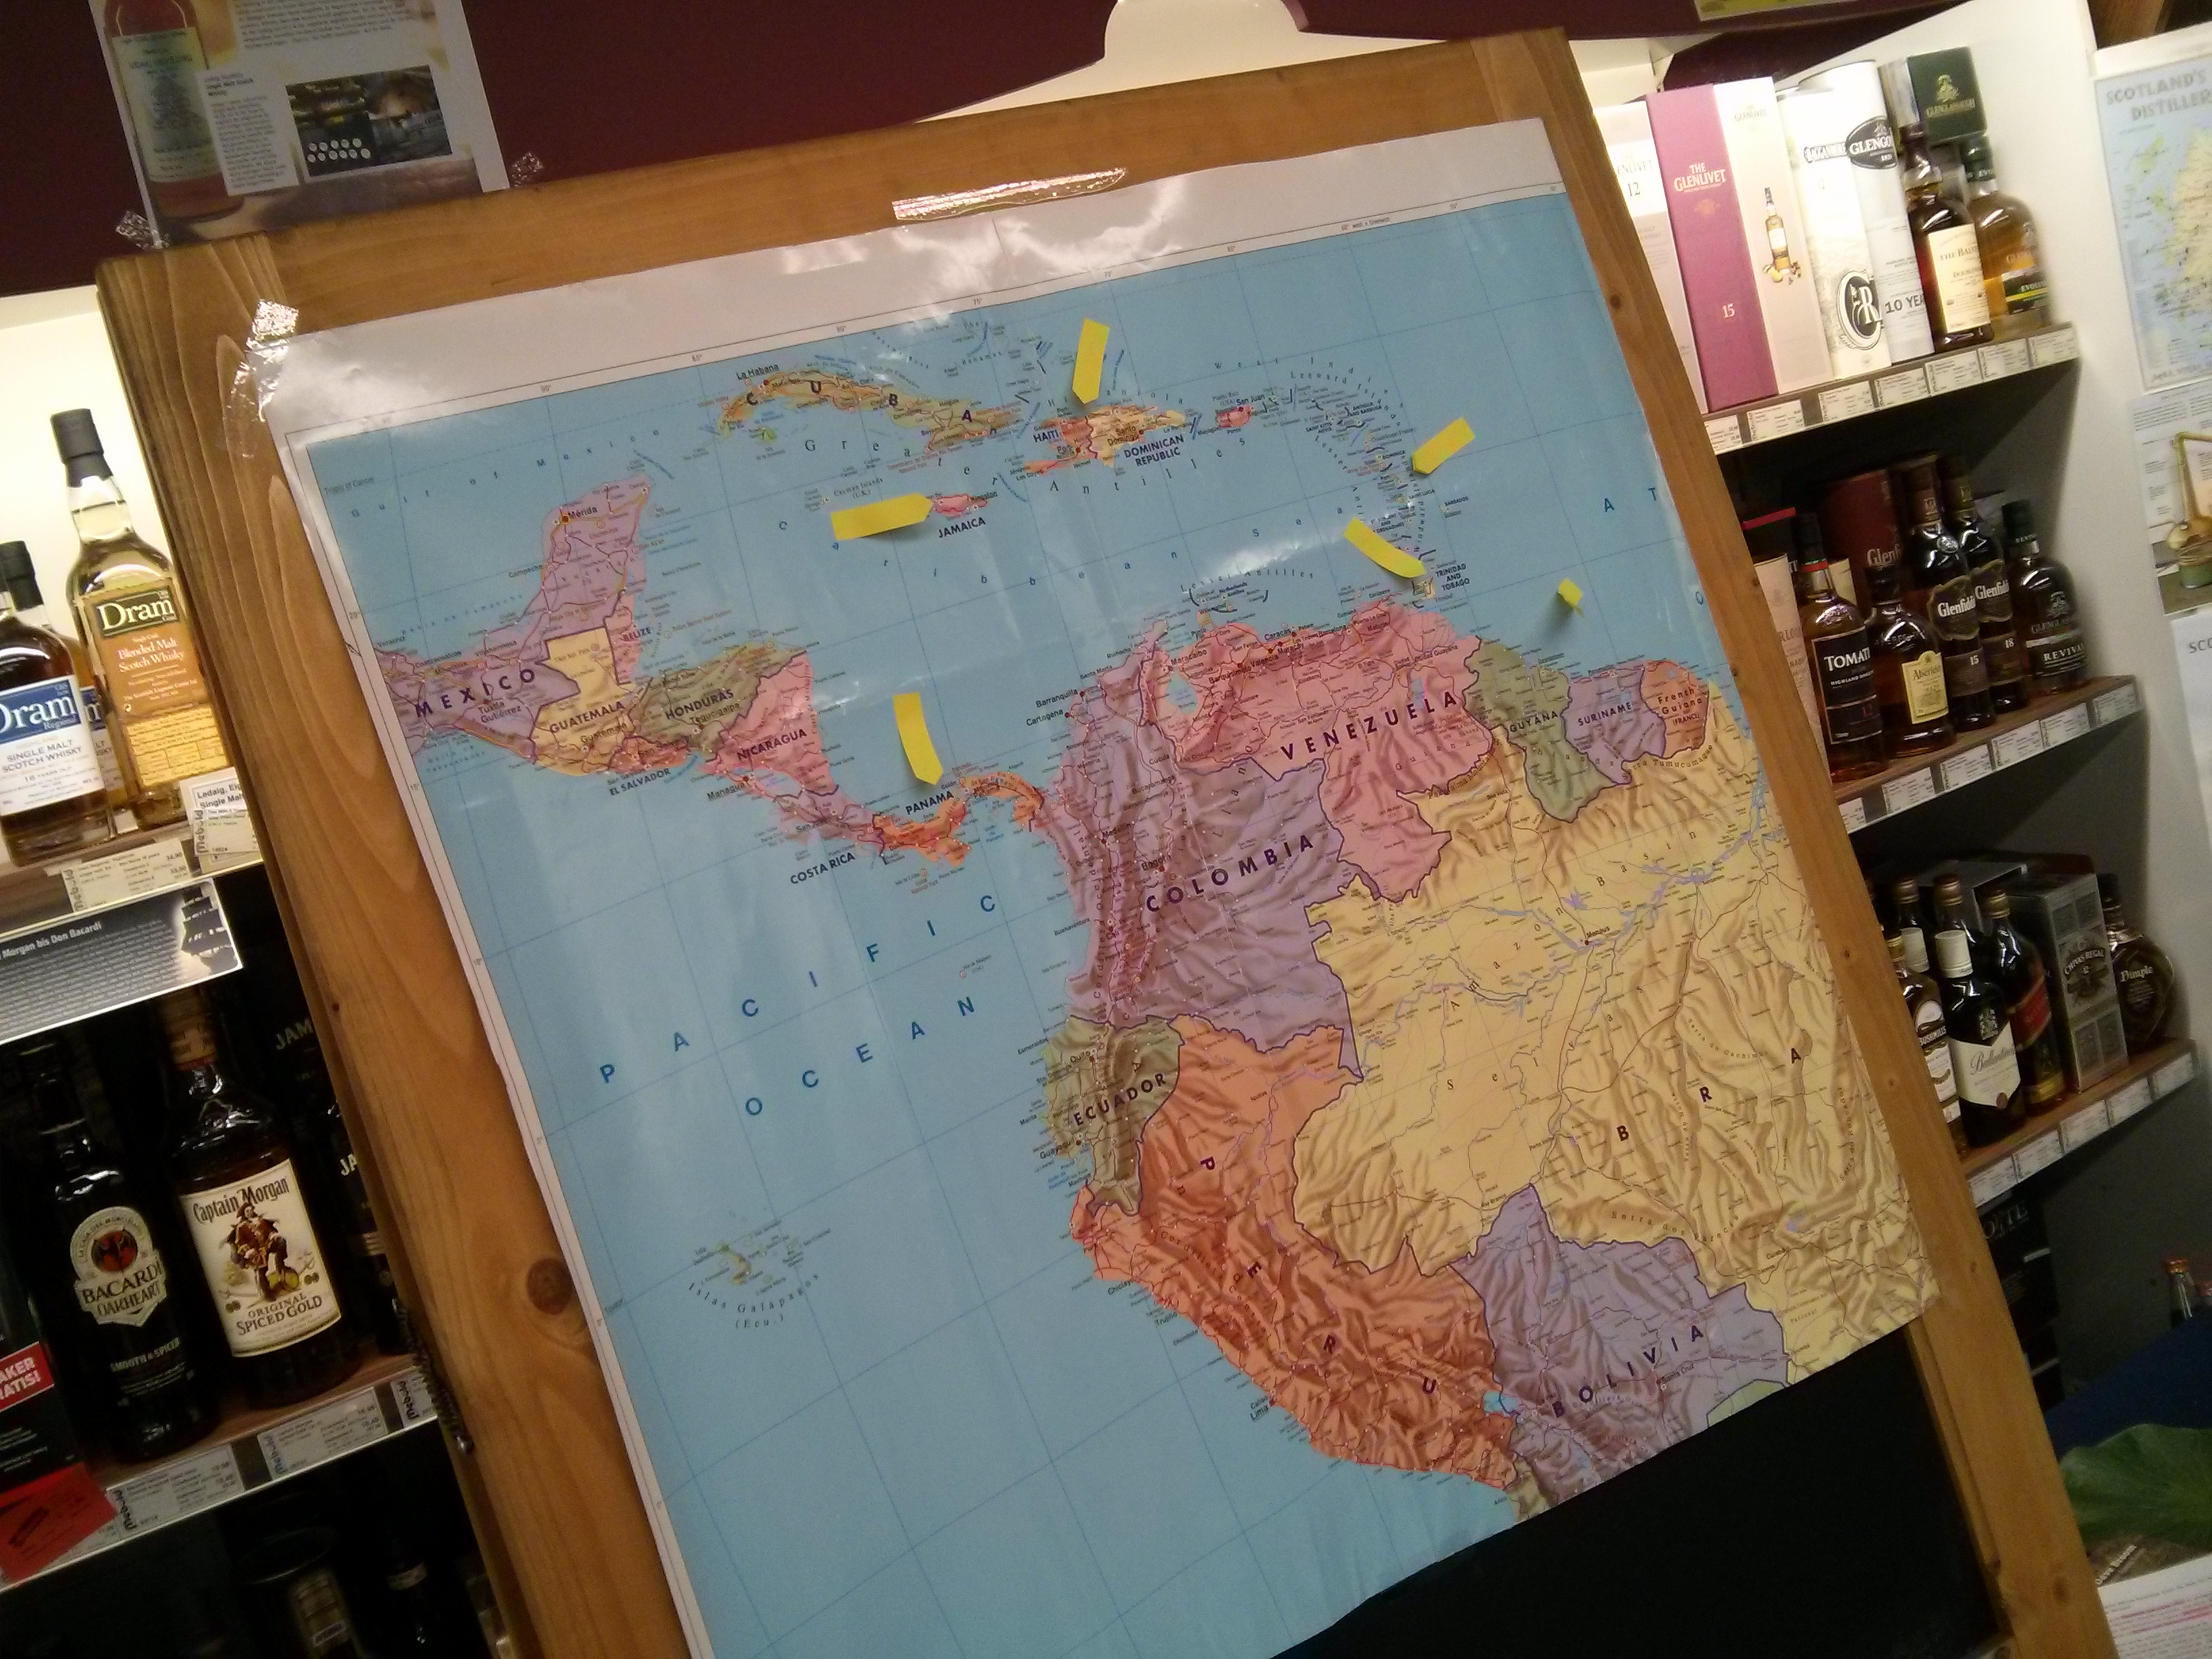 Übersichtskarte der Herkunftsländer der verkosteten Rumsorten